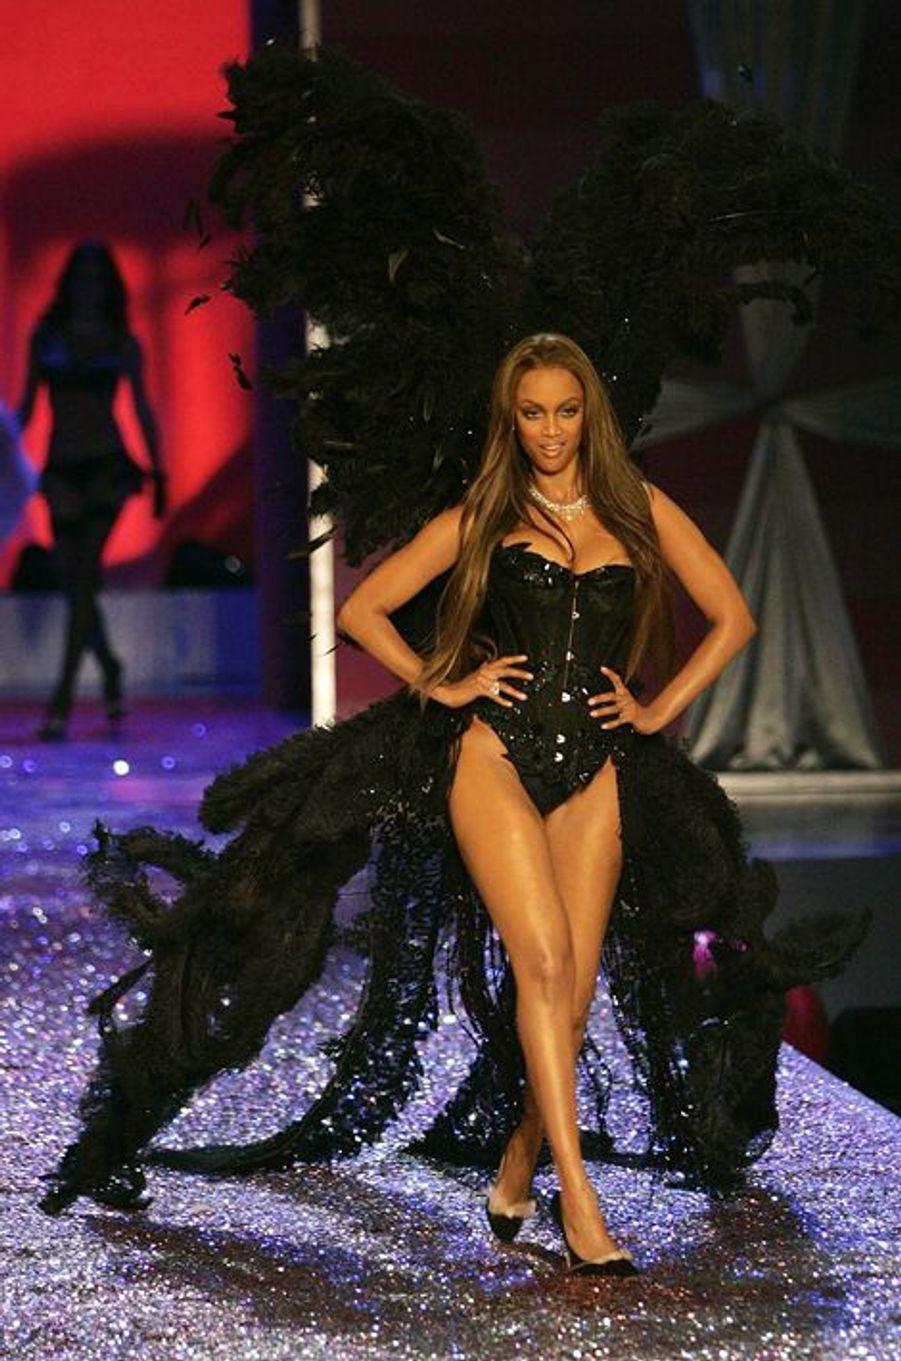 Entre 1998 et 2005, Tyra Banks était l'une des égéries de Victoria's Secret, la maison de lingerie américaine.